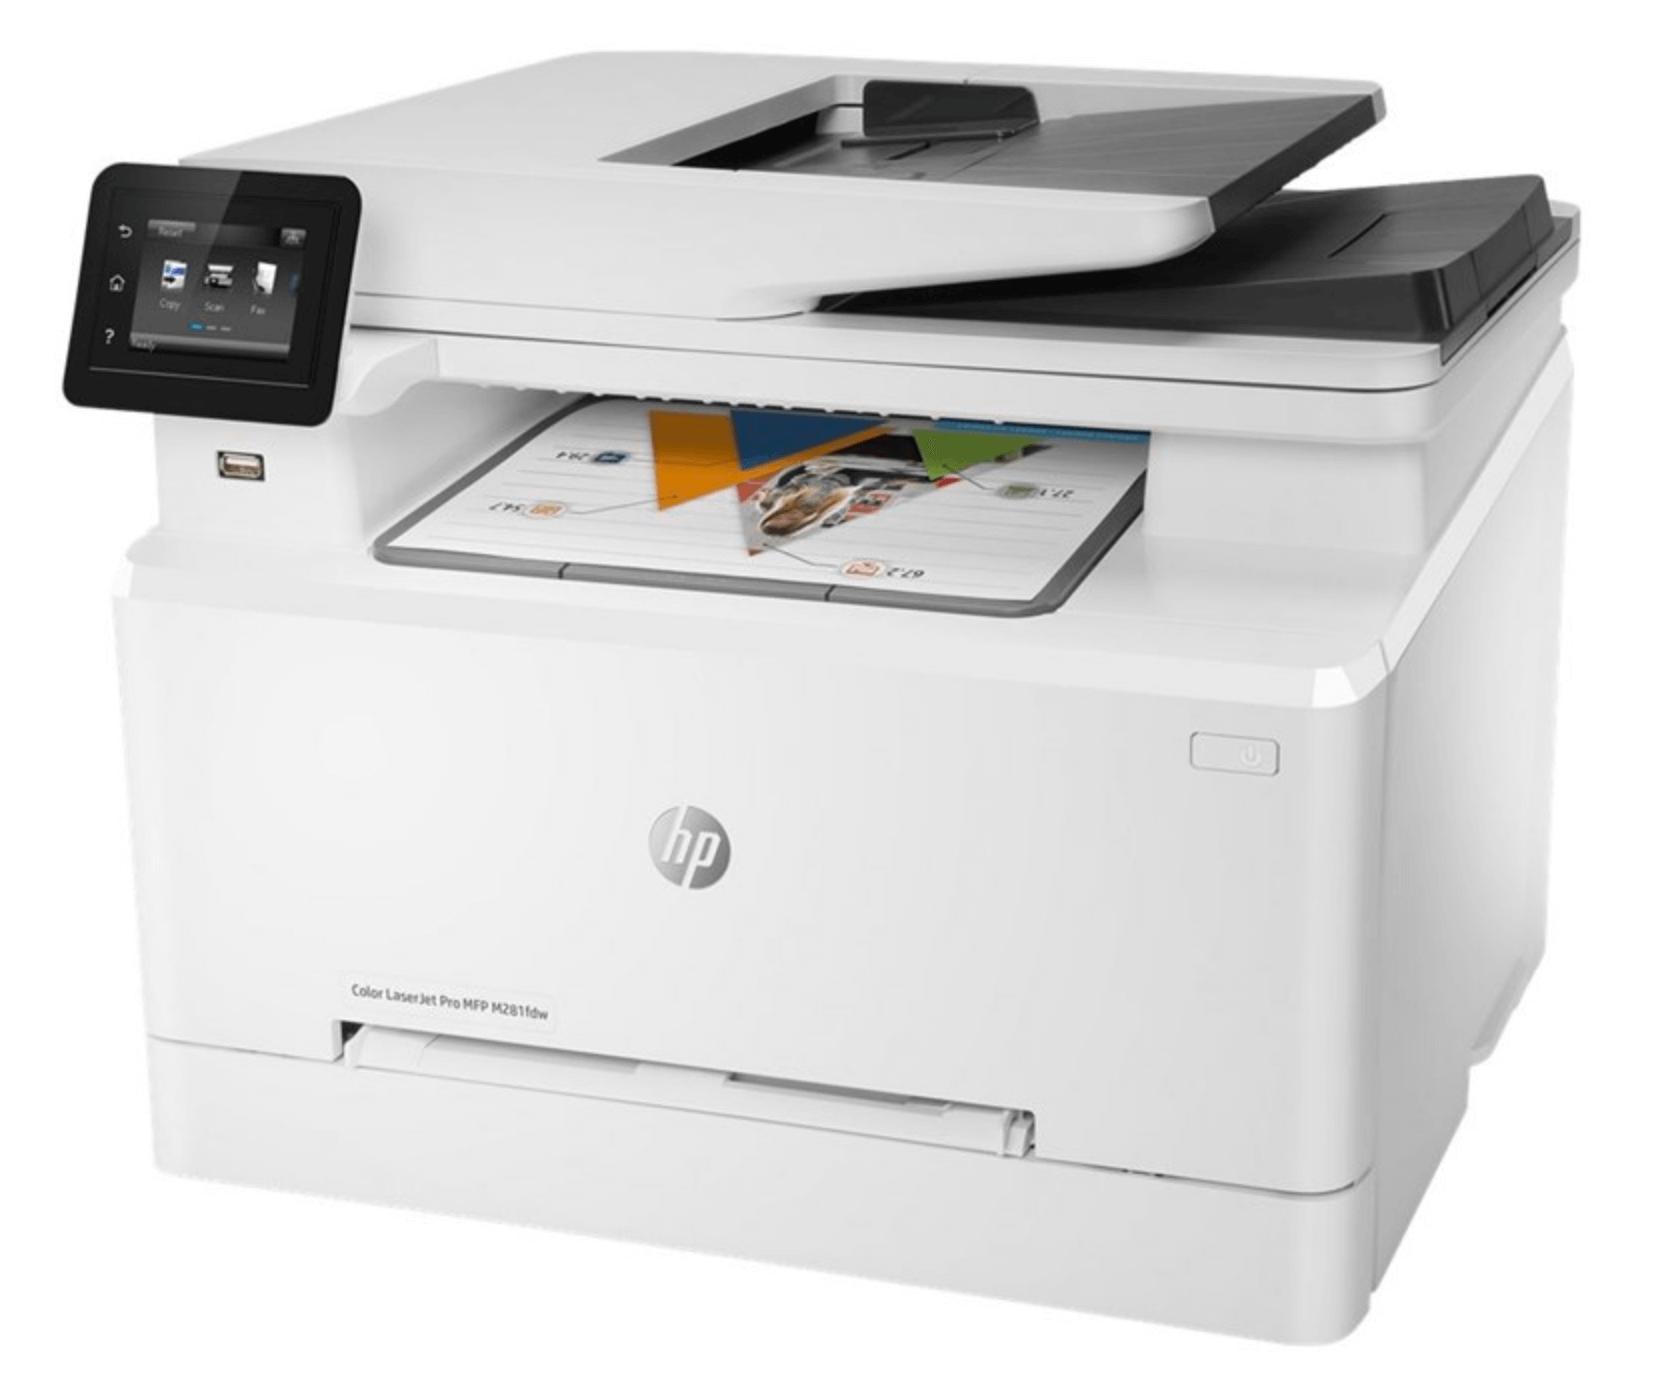 Printer bedst i test HP Color LaserJet Pro M281fdw